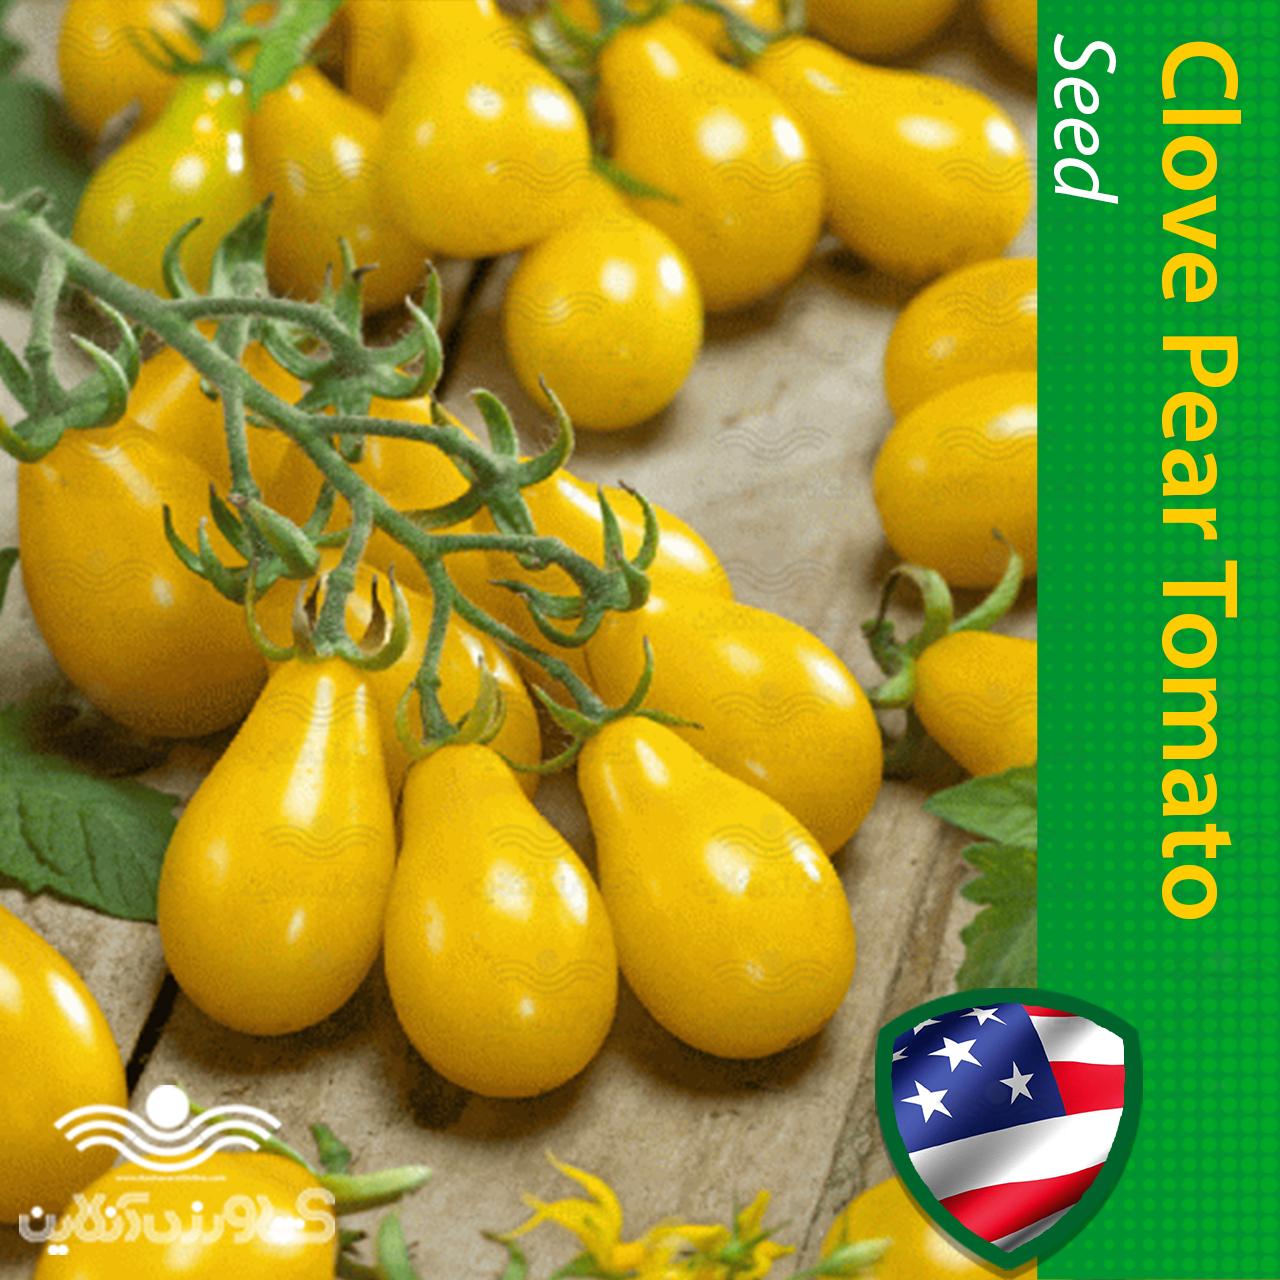 بذر گوجه گلابی خوشه ای زرد و روش کشت بذر گوجه گلابی خوشه ای